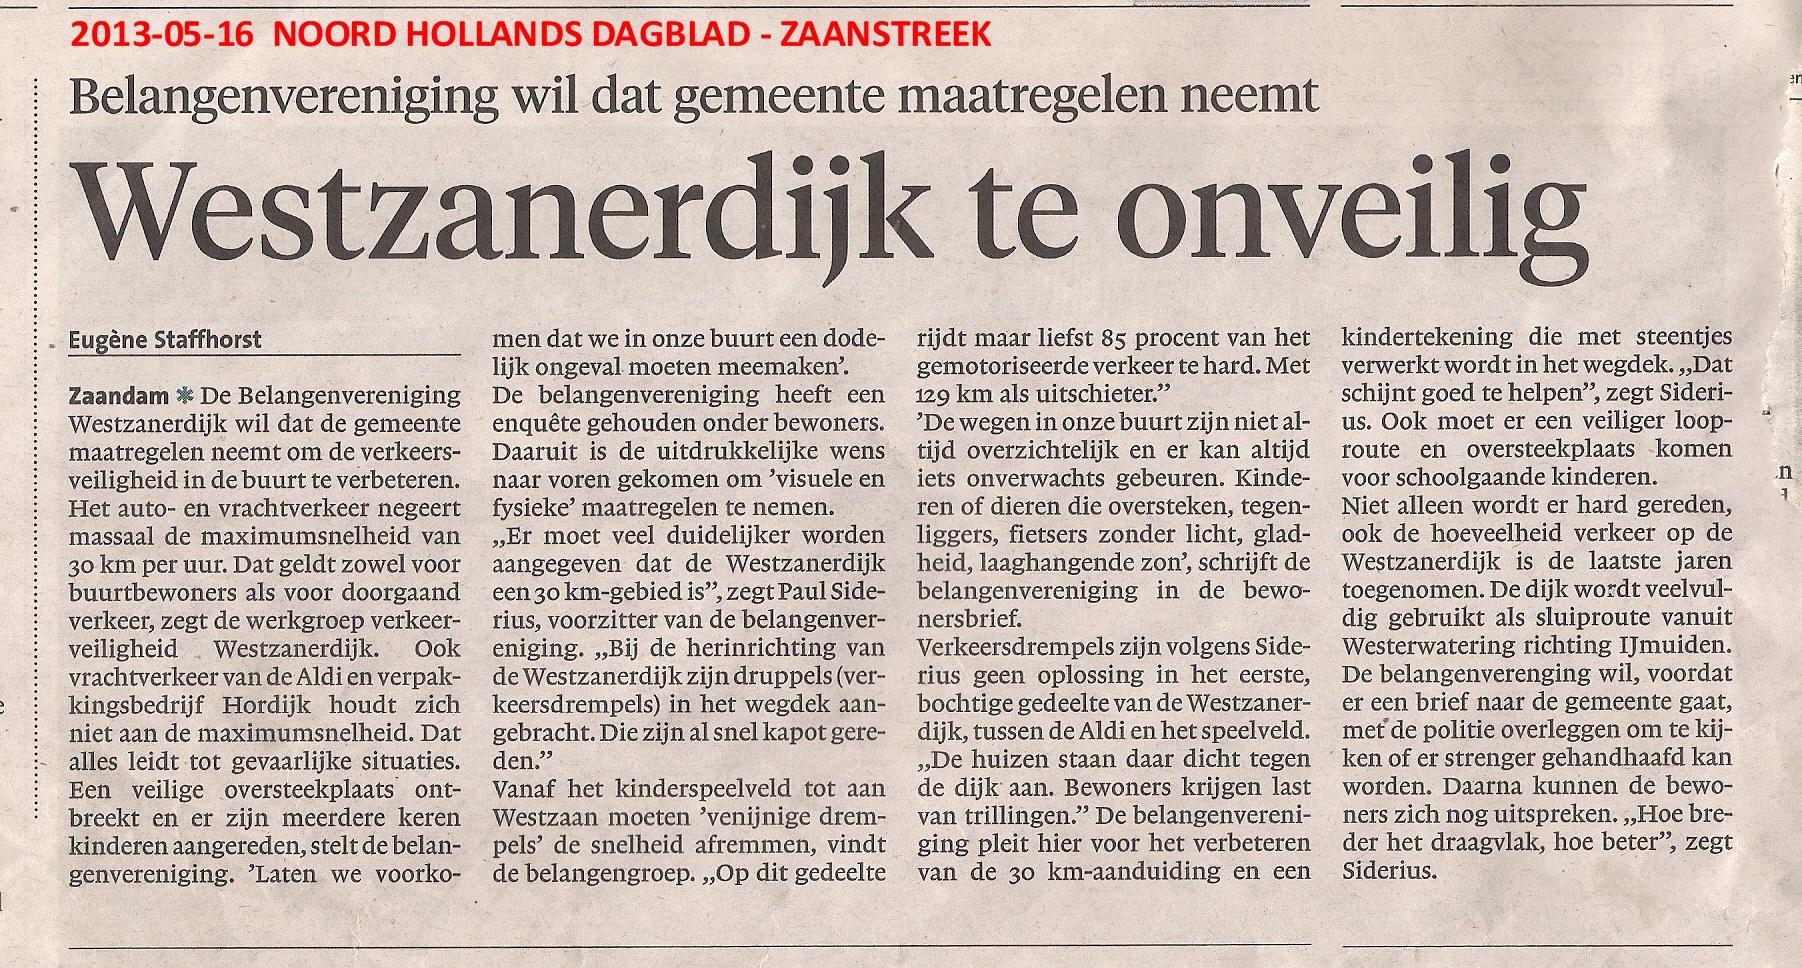 2013-05-16%20NHDagblad,%20Verkeers(on)veiligheid%20Westzanerdijk